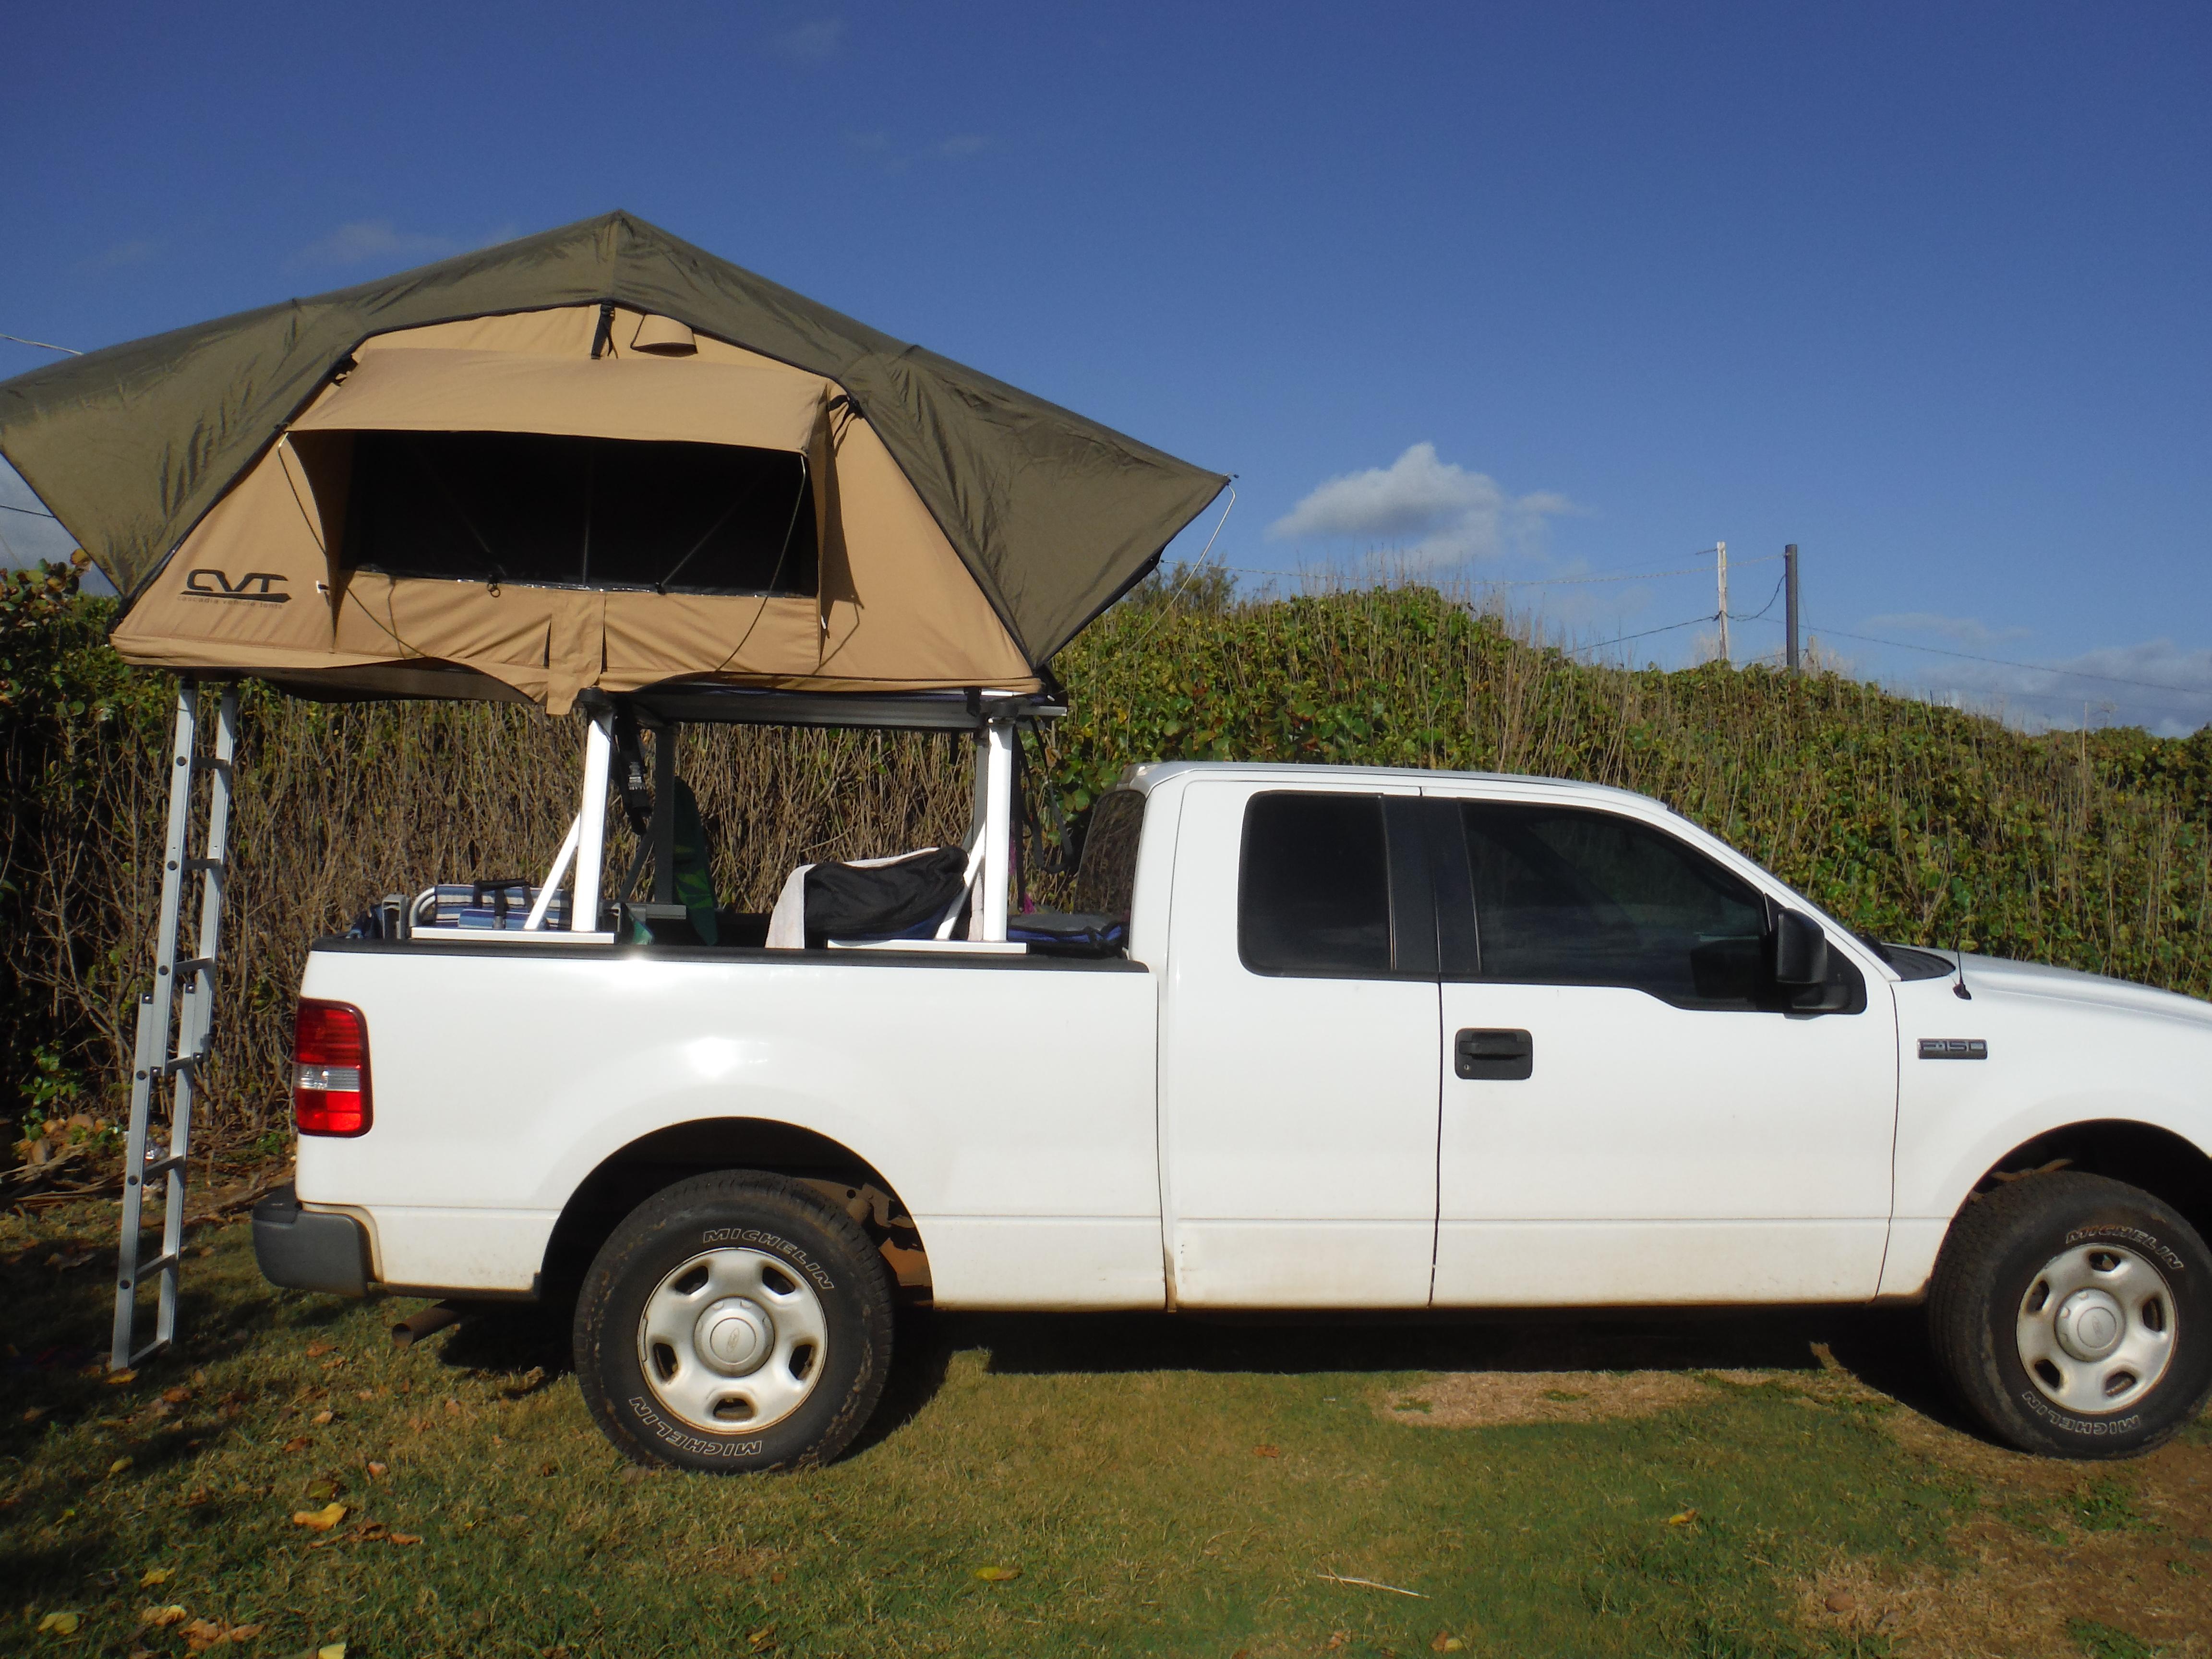 Roof Top Tent Gl&er Roof Top Tent Gl&er ... & Roof Top Tent Glamper | Go Camping HI/ Kauai Camping